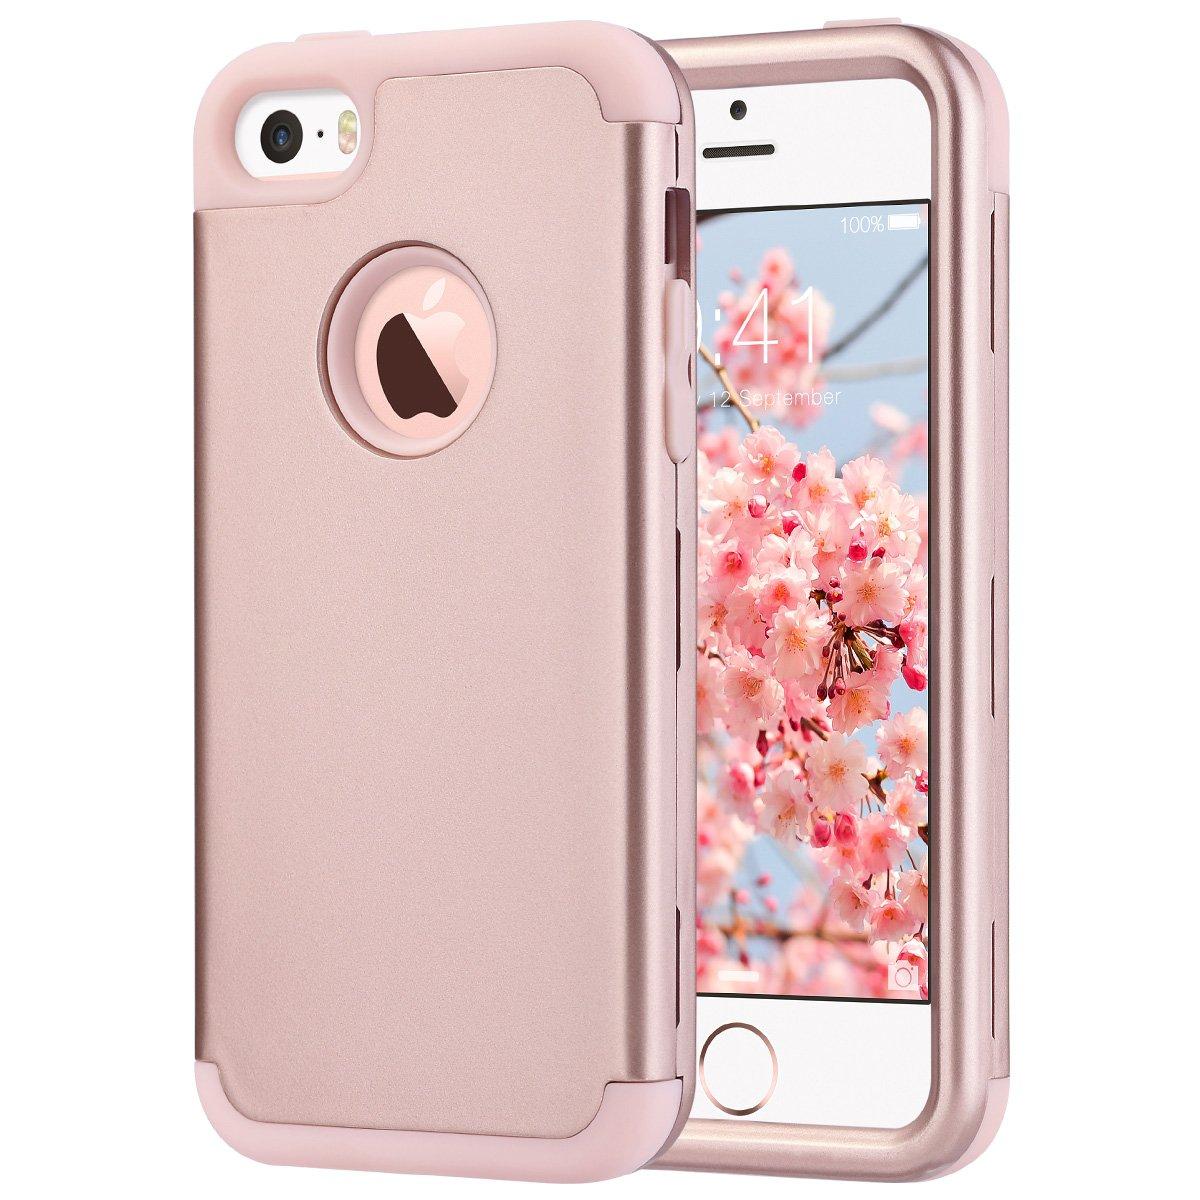 protective iphone se case amazon co ukulak iphone 5s case, iphone se case hybrid heavy duty shockproof full body protective